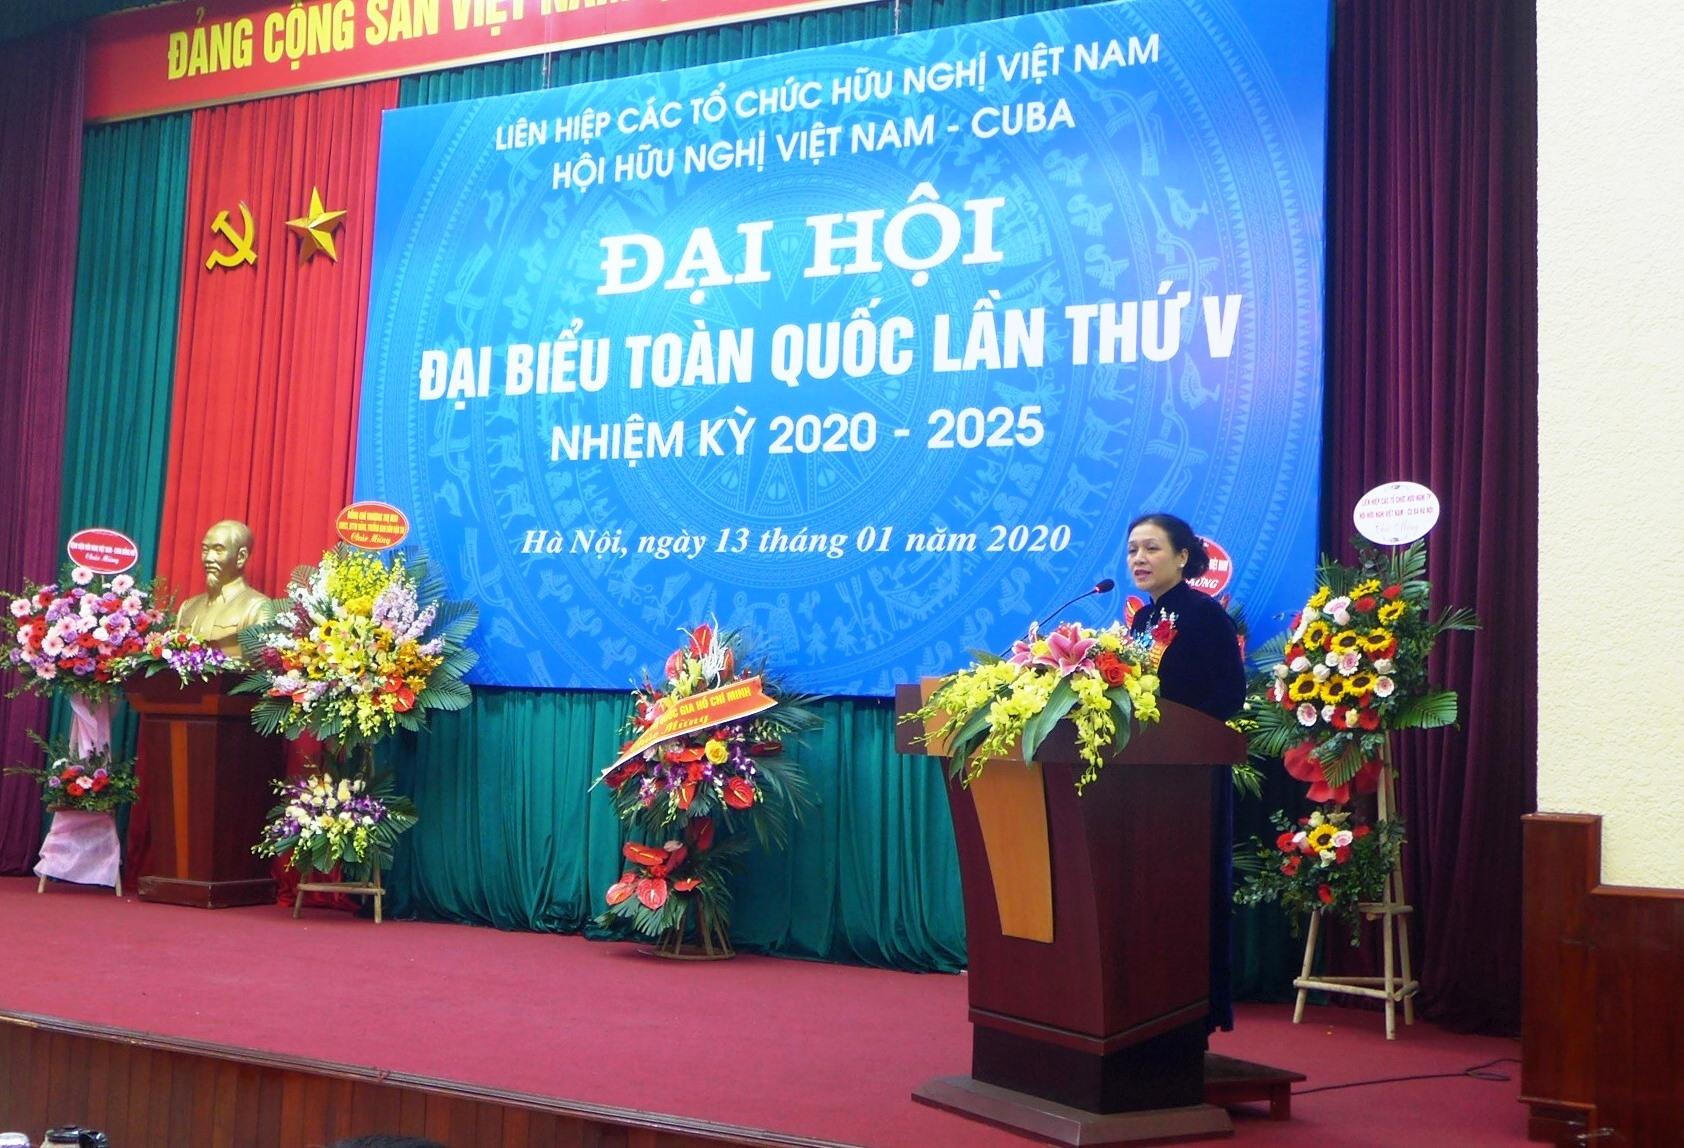 ba truong thi mai tai cu chu tich hoi huu nghi viet nam cuba nhiem ky 2020 2025